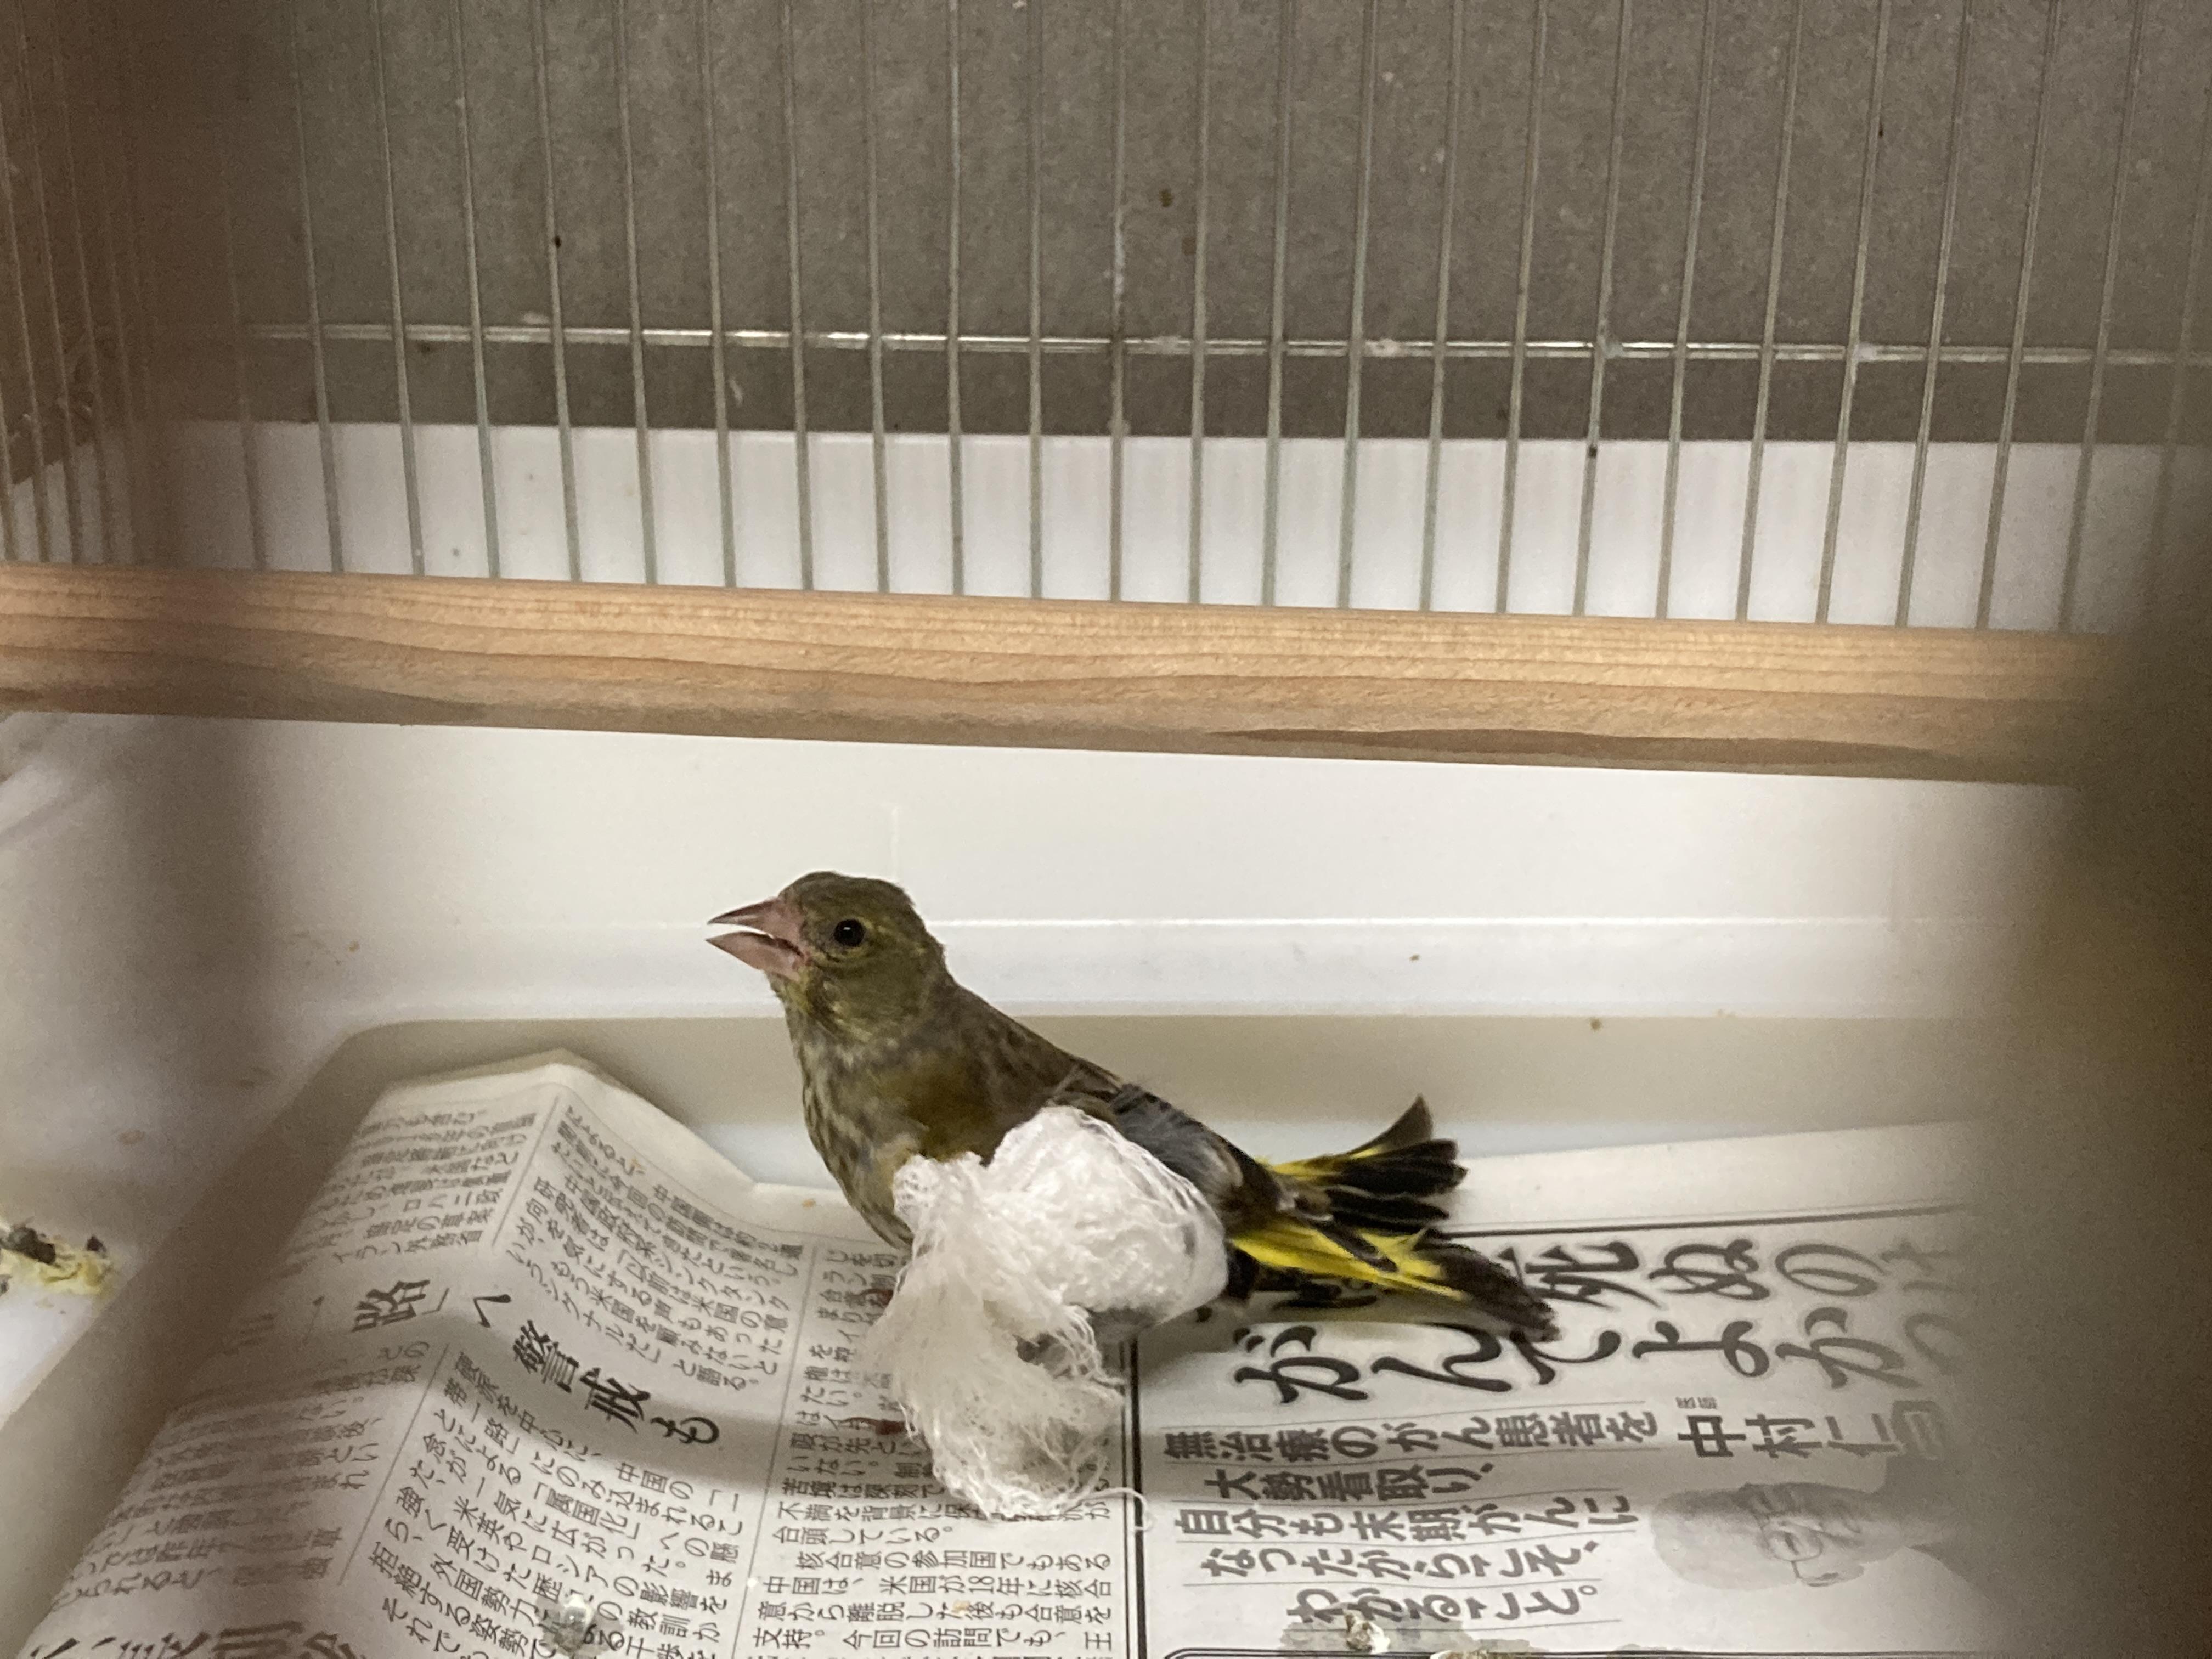 6月19日 傷病鳥獣保護レポート:カワラヒワを放鳥しました